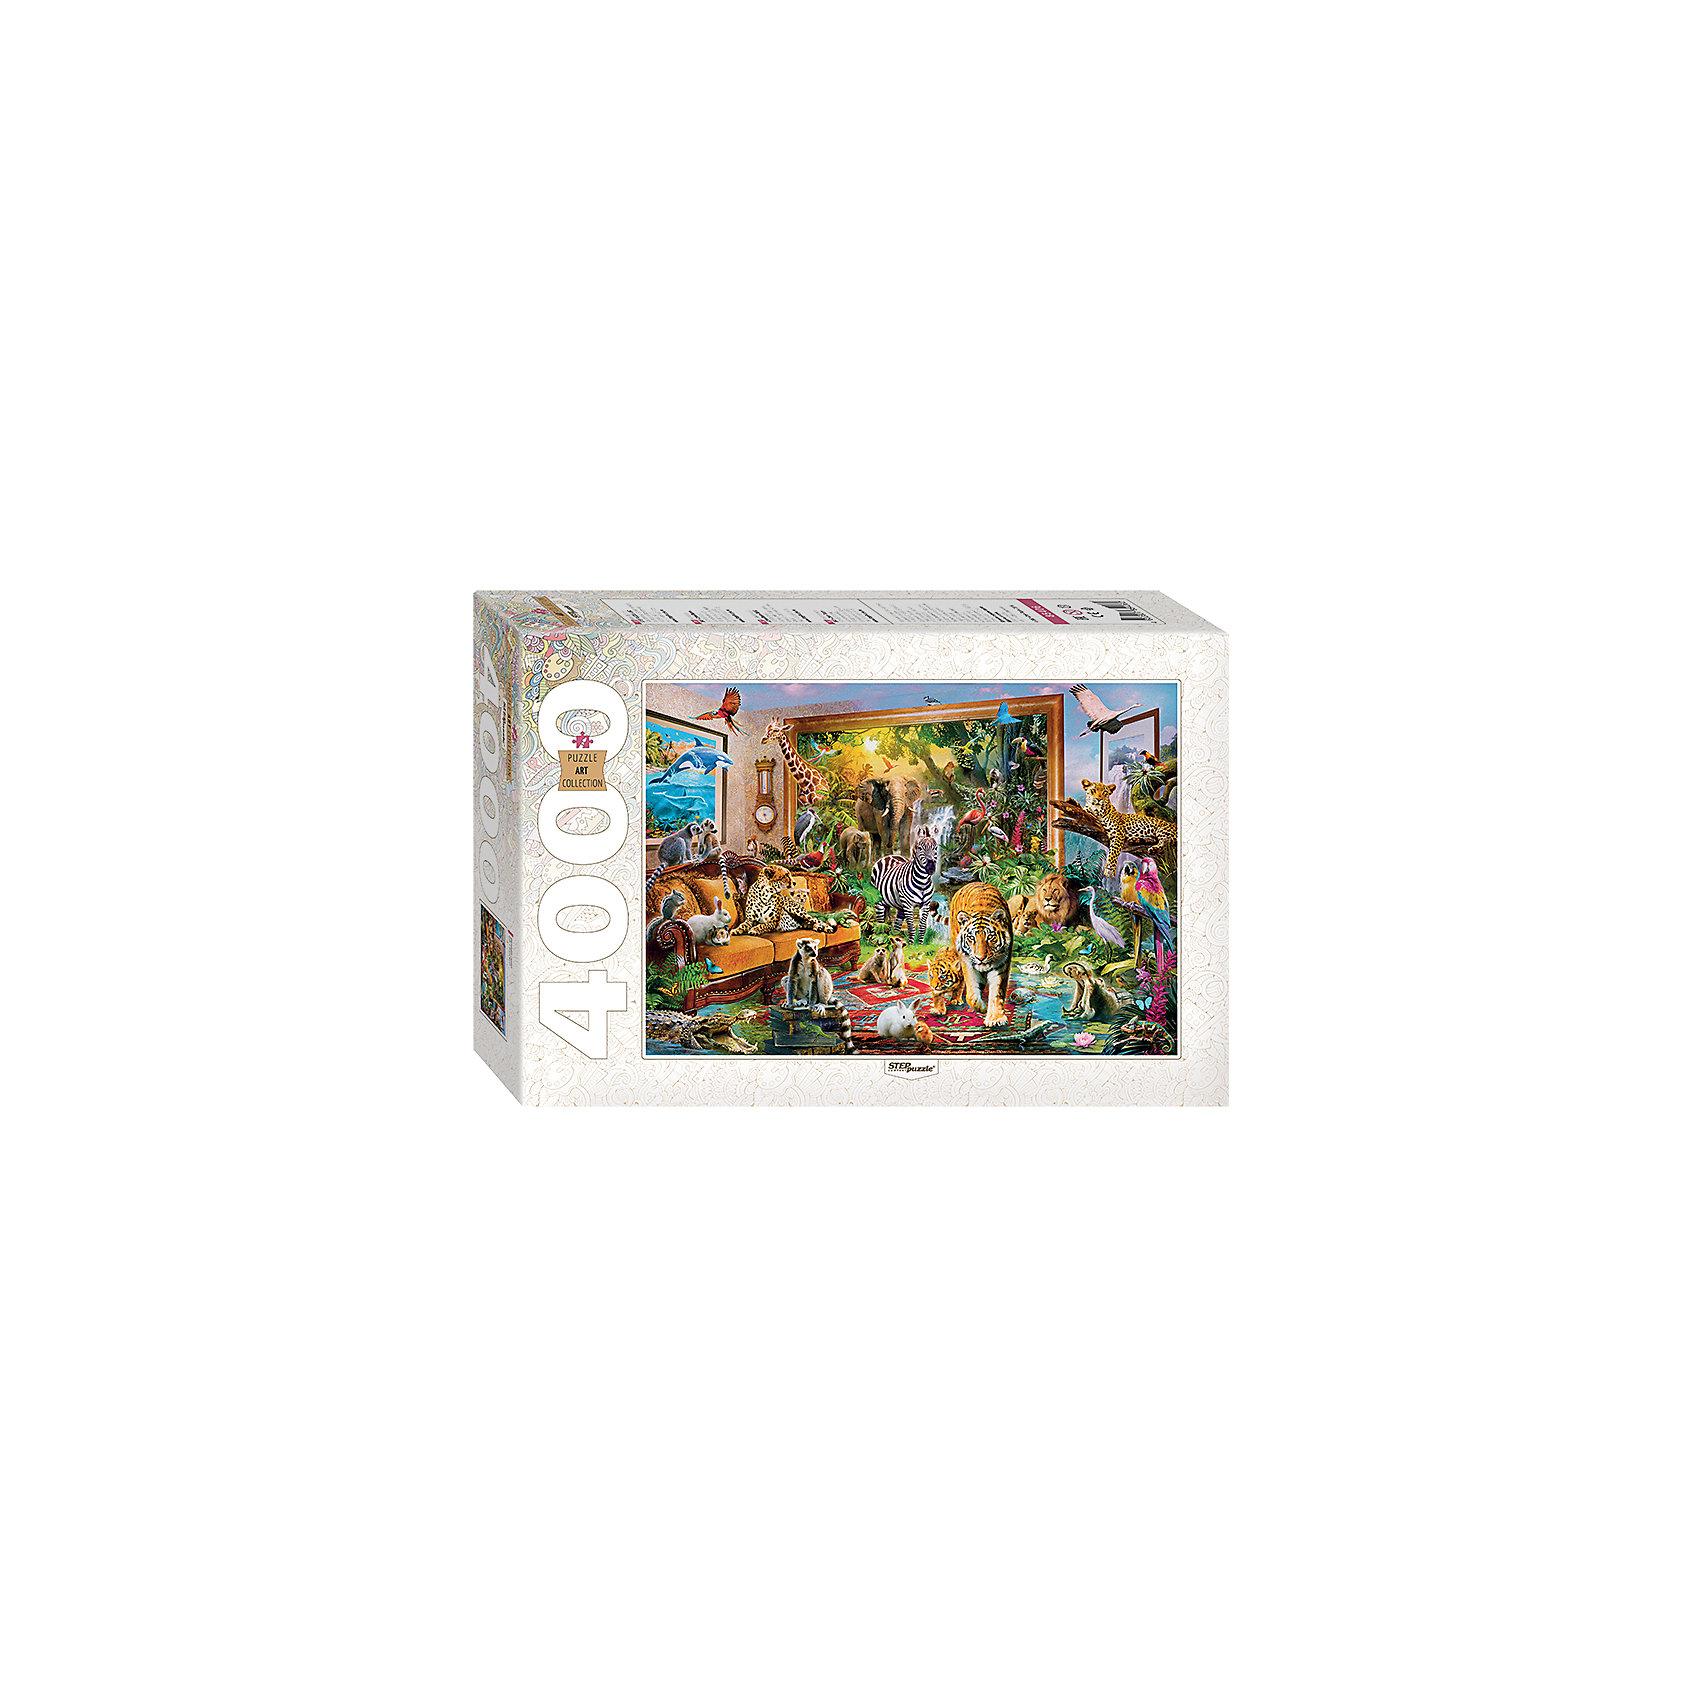 Пазл Ожившая сказка, 4000 деталей, Step PuzzleКоличество деталей<br>Характеристики товара:<br><br>- цвет: разноцветный;<br>- материал: картон;<br>- деталей: 4000;<br>- высокая точность подгонки элементов;<br>- отличное качество печати;<br>- упаковка: коробка.<br><br>Собирать пазлы любят и дети, и взрослые! Это занятие может не только позволять весело проводить время, но и помогать всестороннему развитию ребенка. Изделие представляет собой детали, из которых нужно собрать очень красивую картинку. Все детали отлично проработаны, готовое изображение можно даже зафиксировать на бумаге и украсить им интерьер!<br>Собирание пазлов поможет формированию разных навыков, оно помогает развить тактильное восприятие, мелкую моторику, воображение, внимание и логику. Изделие произведено из качественных материалов, безопасных для ребенка. Набор станет отличным подарком детям!<br><br>Пазл Ожившая сказка, 4000 деталей, от бренда Step Puzzle можно купить в нашем интернет-магазине.<br><br>Ширина мм: 400<br>Глубина мм: 270<br>Высота мм: 85<br>Вес г: 2000<br>Возраст от месяцев: 84<br>Возраст до месяцев: 180<br>Пол: Унисекс<br>Возраст: Детский<br>SKU: 5138187